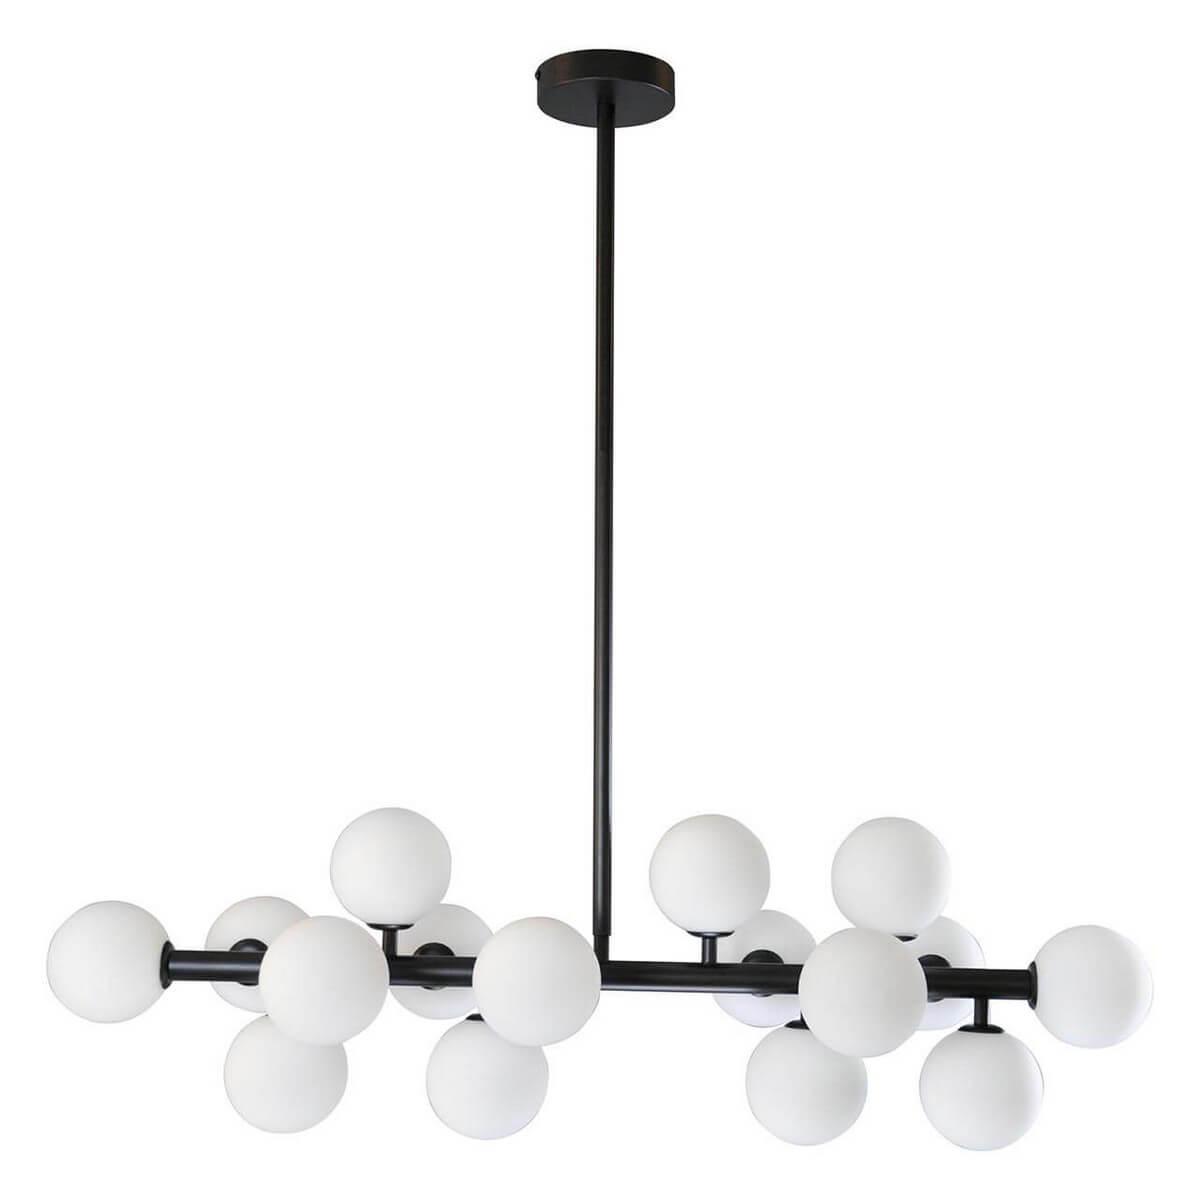 цена на Потолочный светильник Kink Light 07504-16,19, G4, 5 Вт